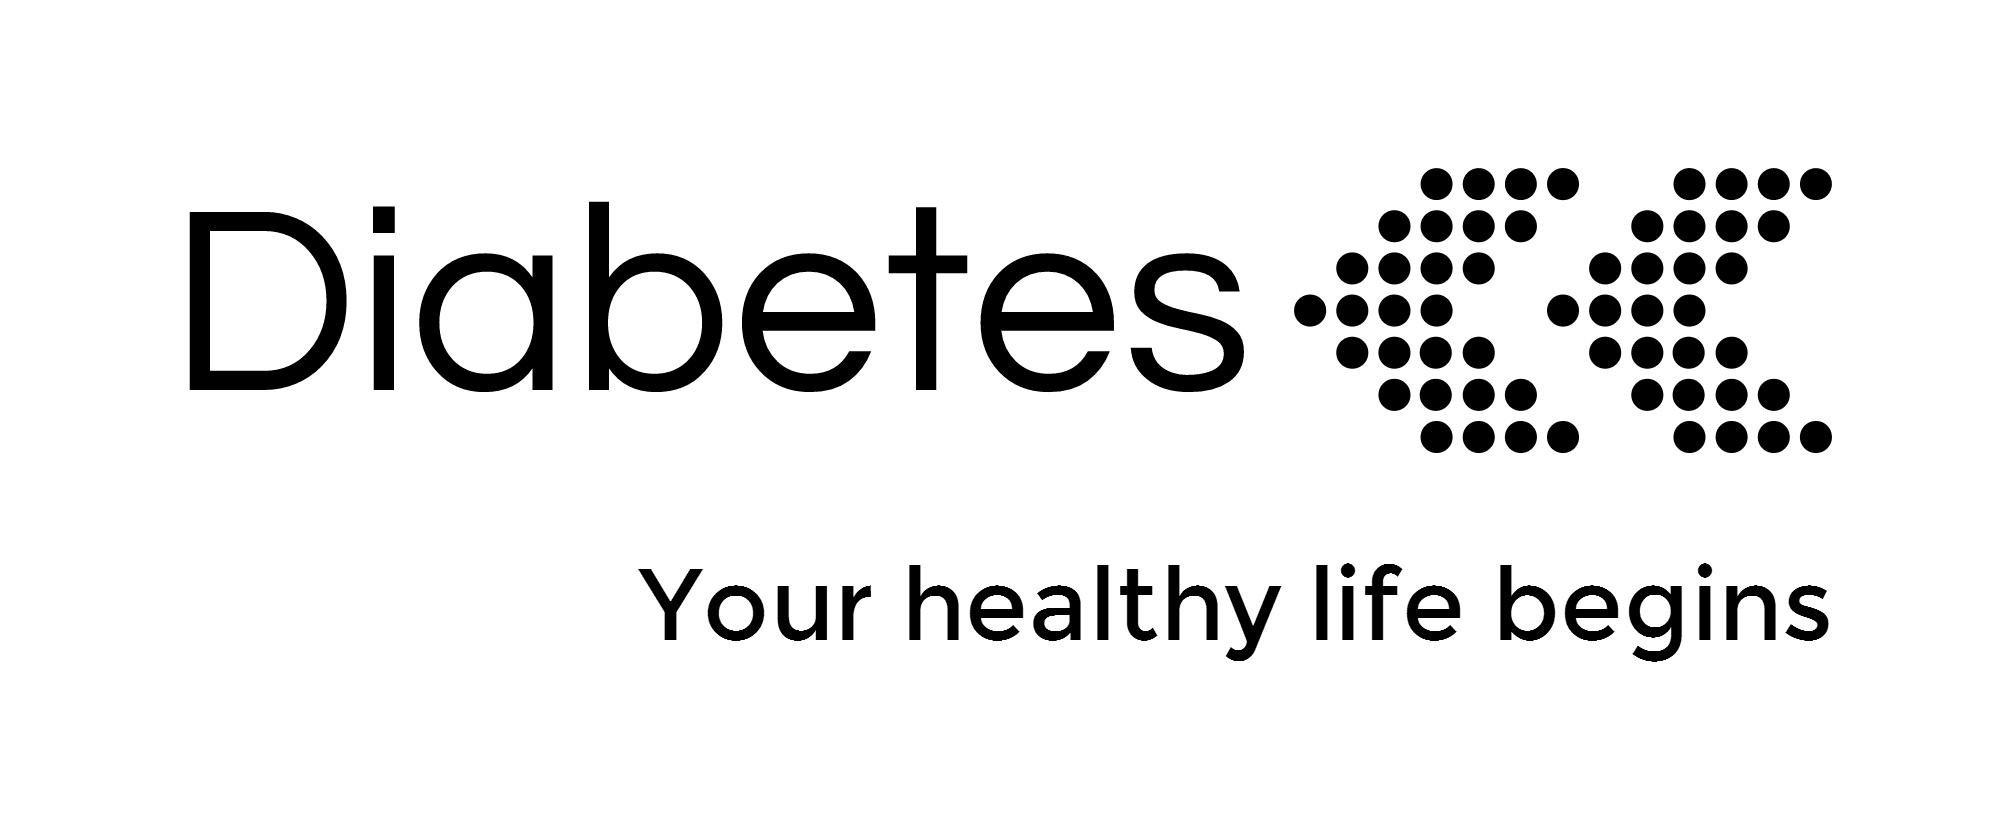 landing page logo.png